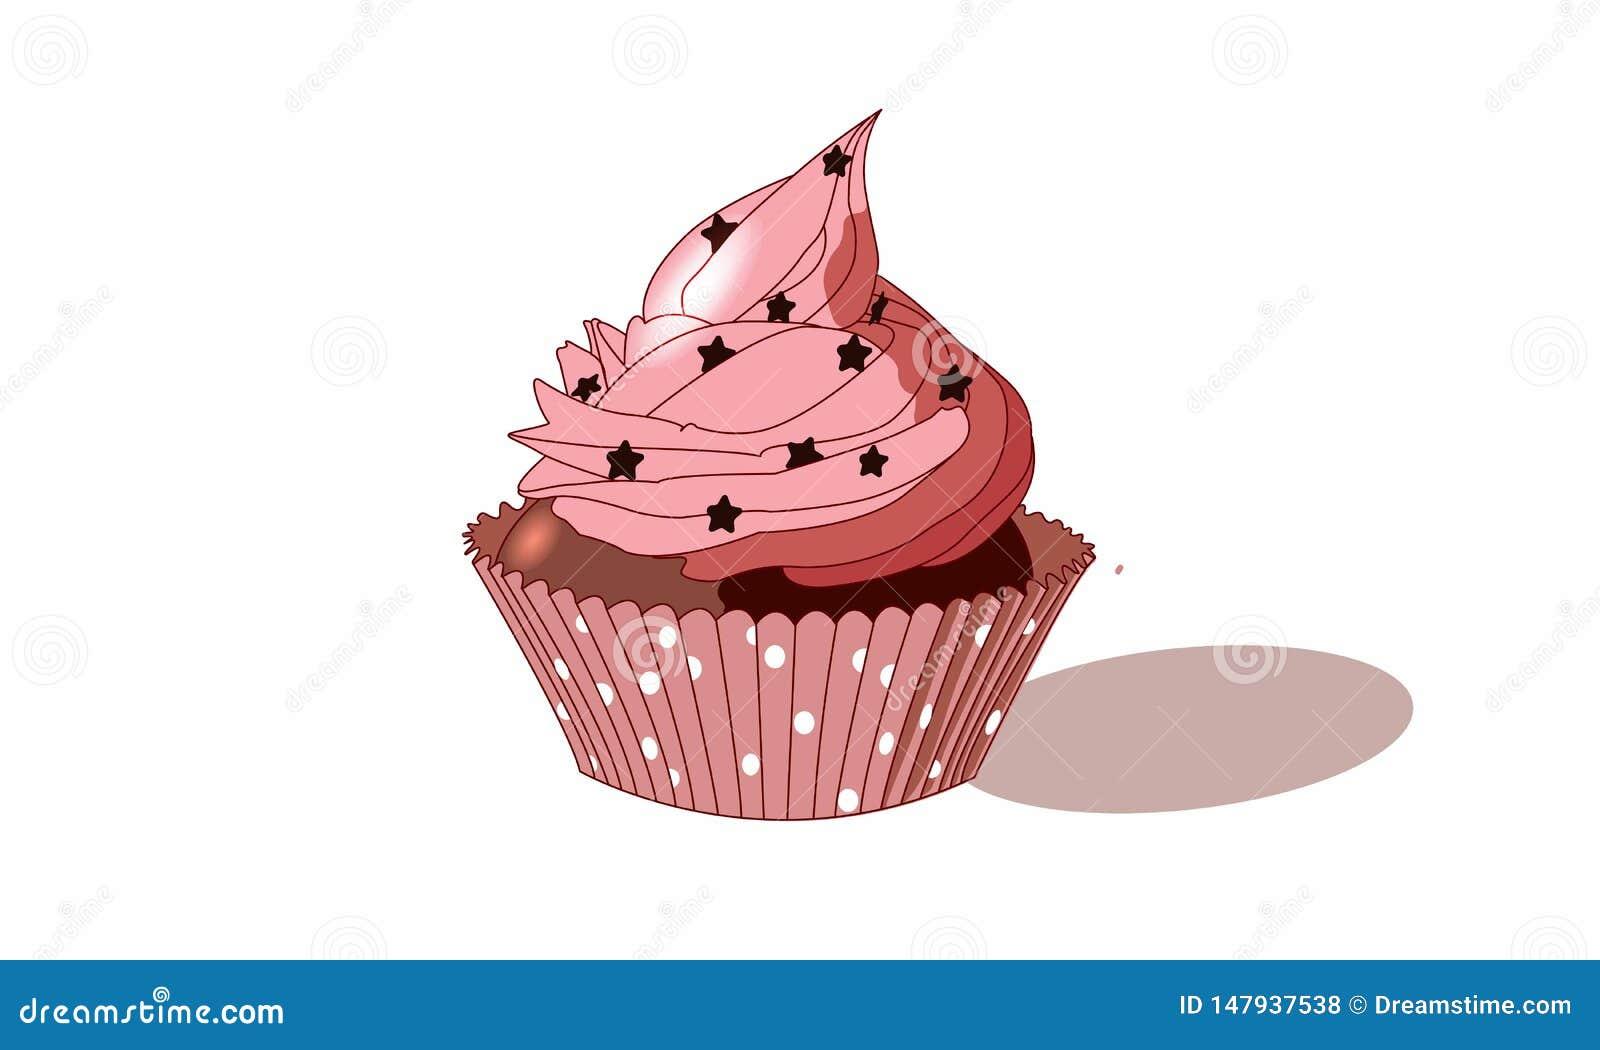 Schöner rosa kleiner Kuchen mit Sternen und Schokolade